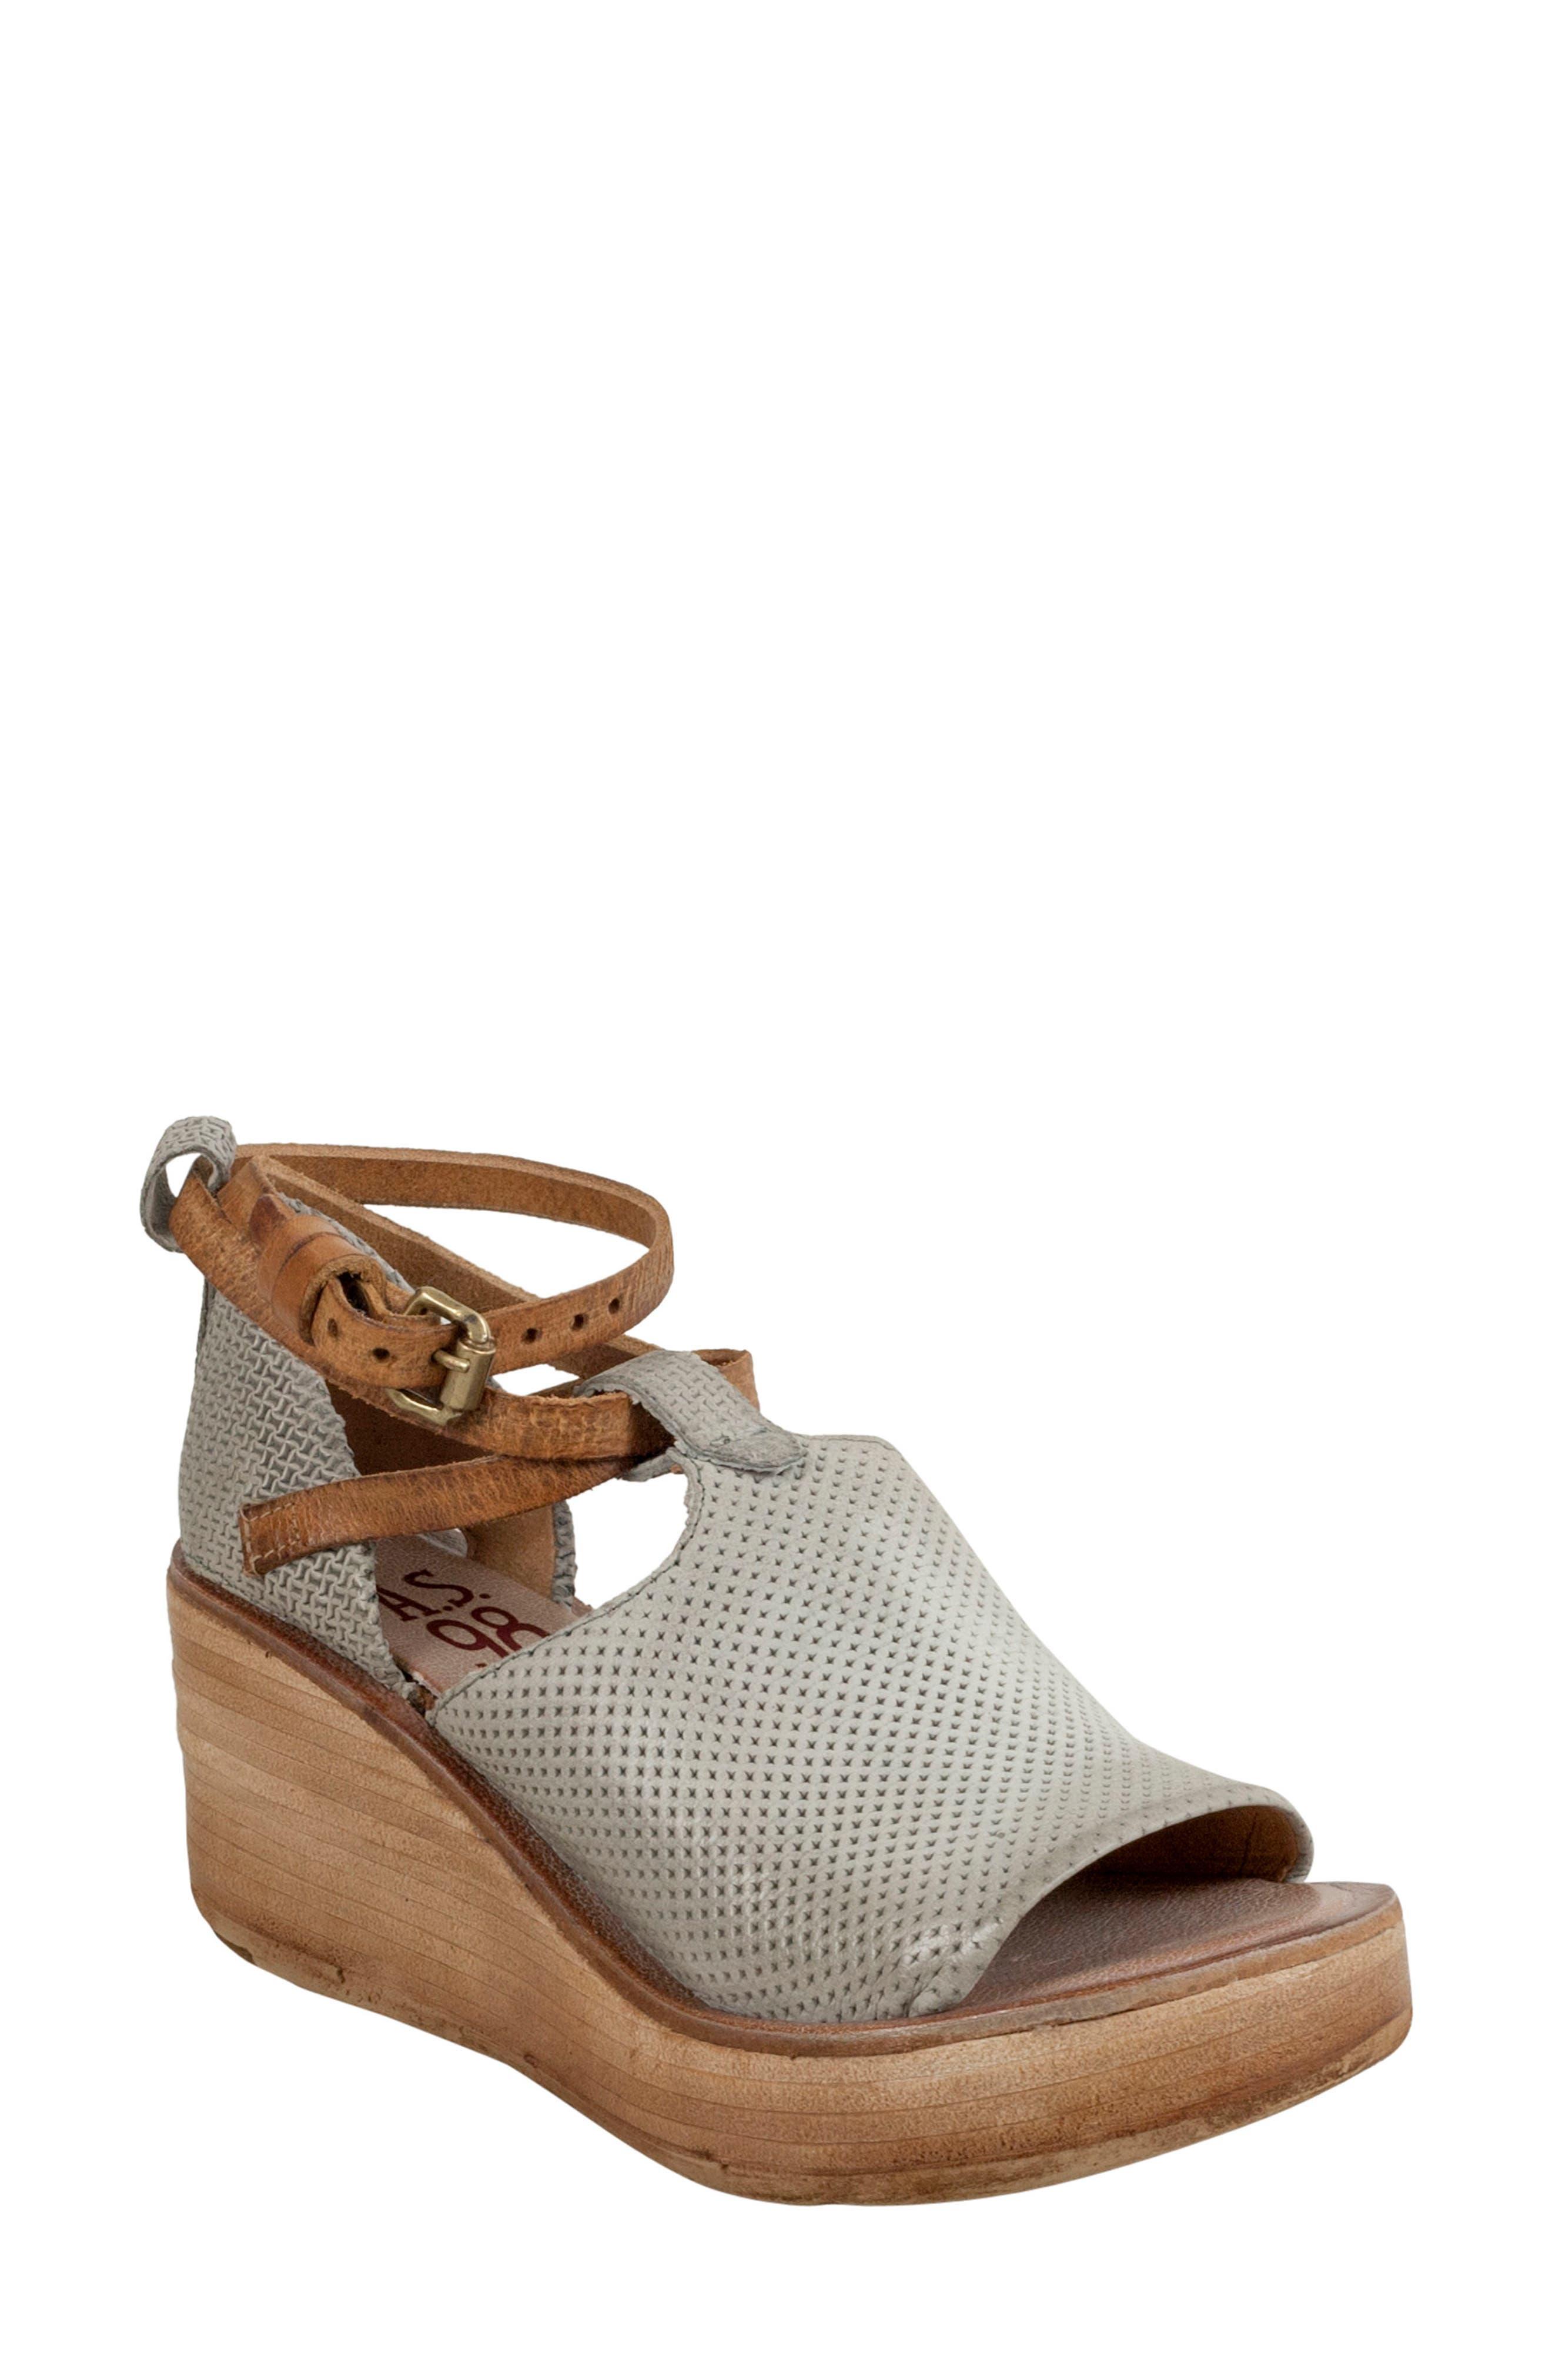 A.S.98 Nino Wedge Sandal, Grey